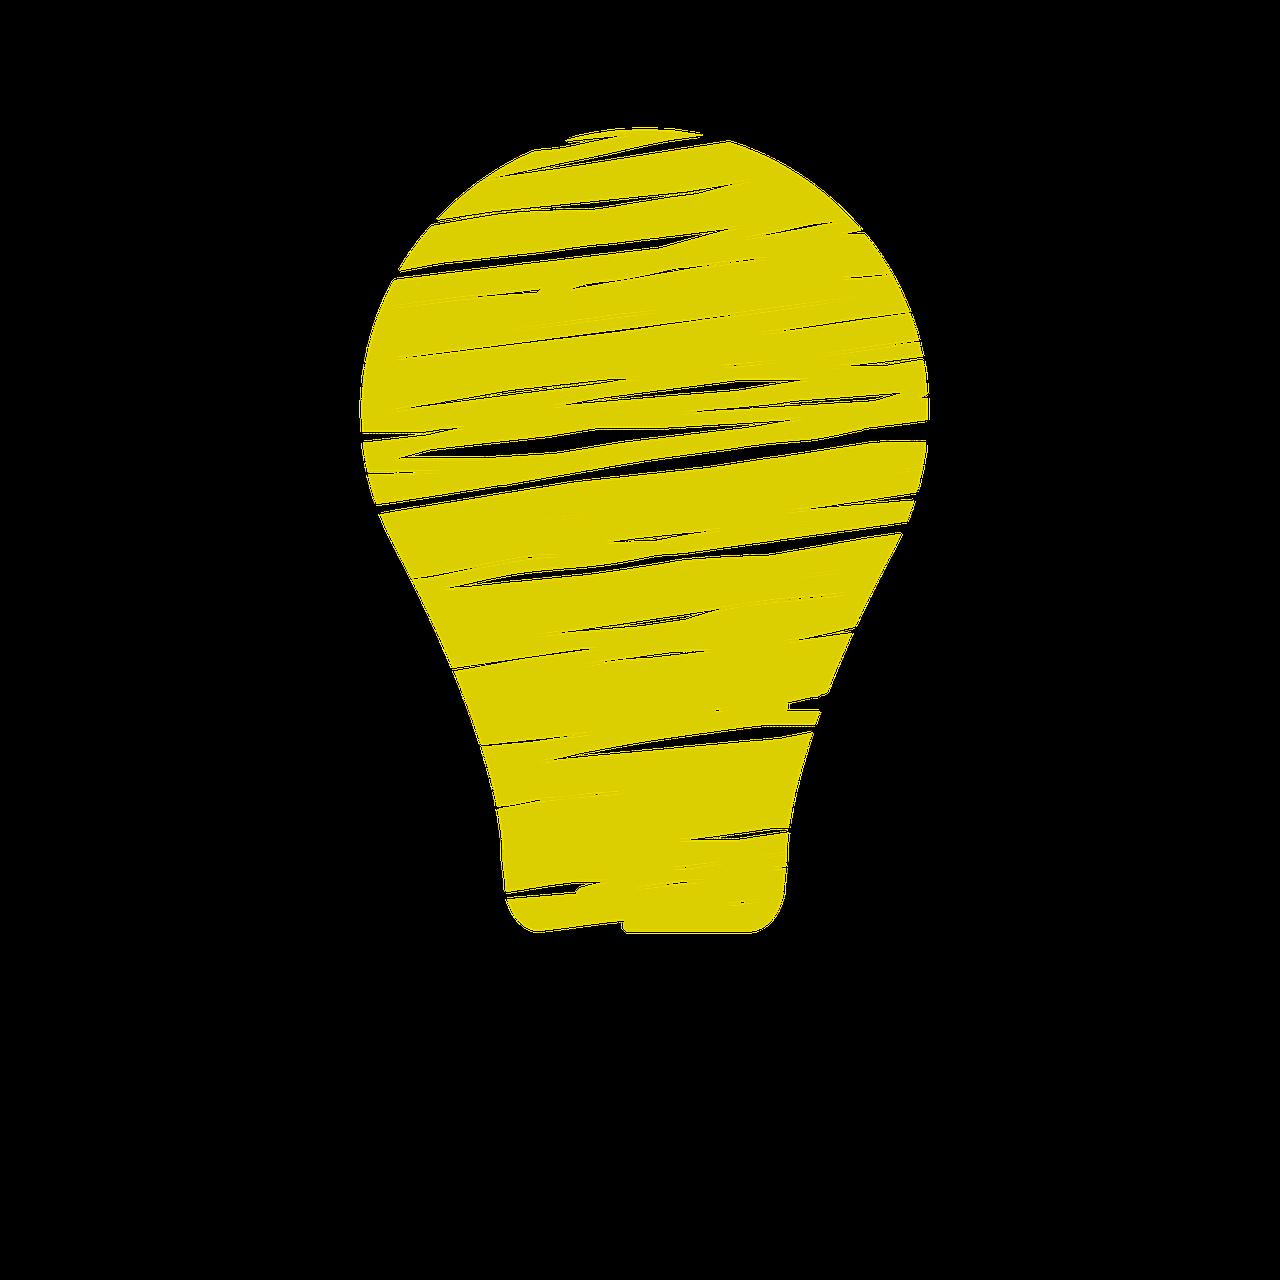 lightbulb clipart face